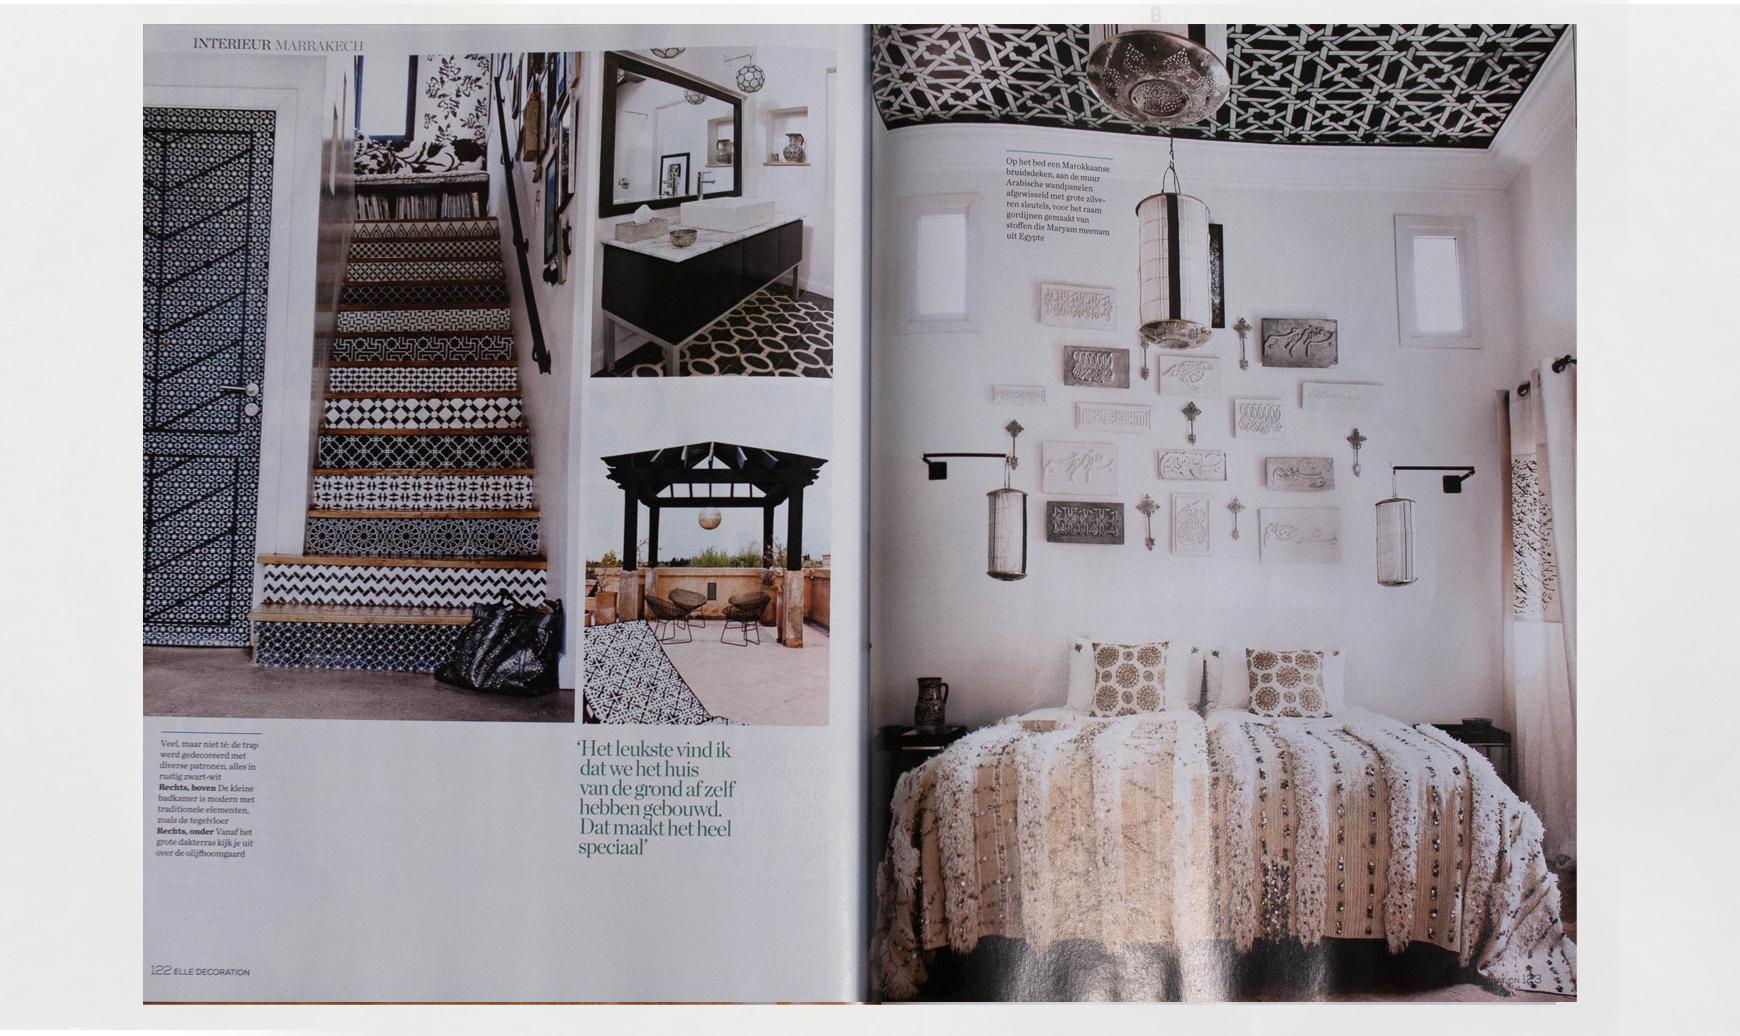 Peacock Pavilions boutique hotel in Marrakech, Morocco – Design by M. Montague - Elle Decor NL